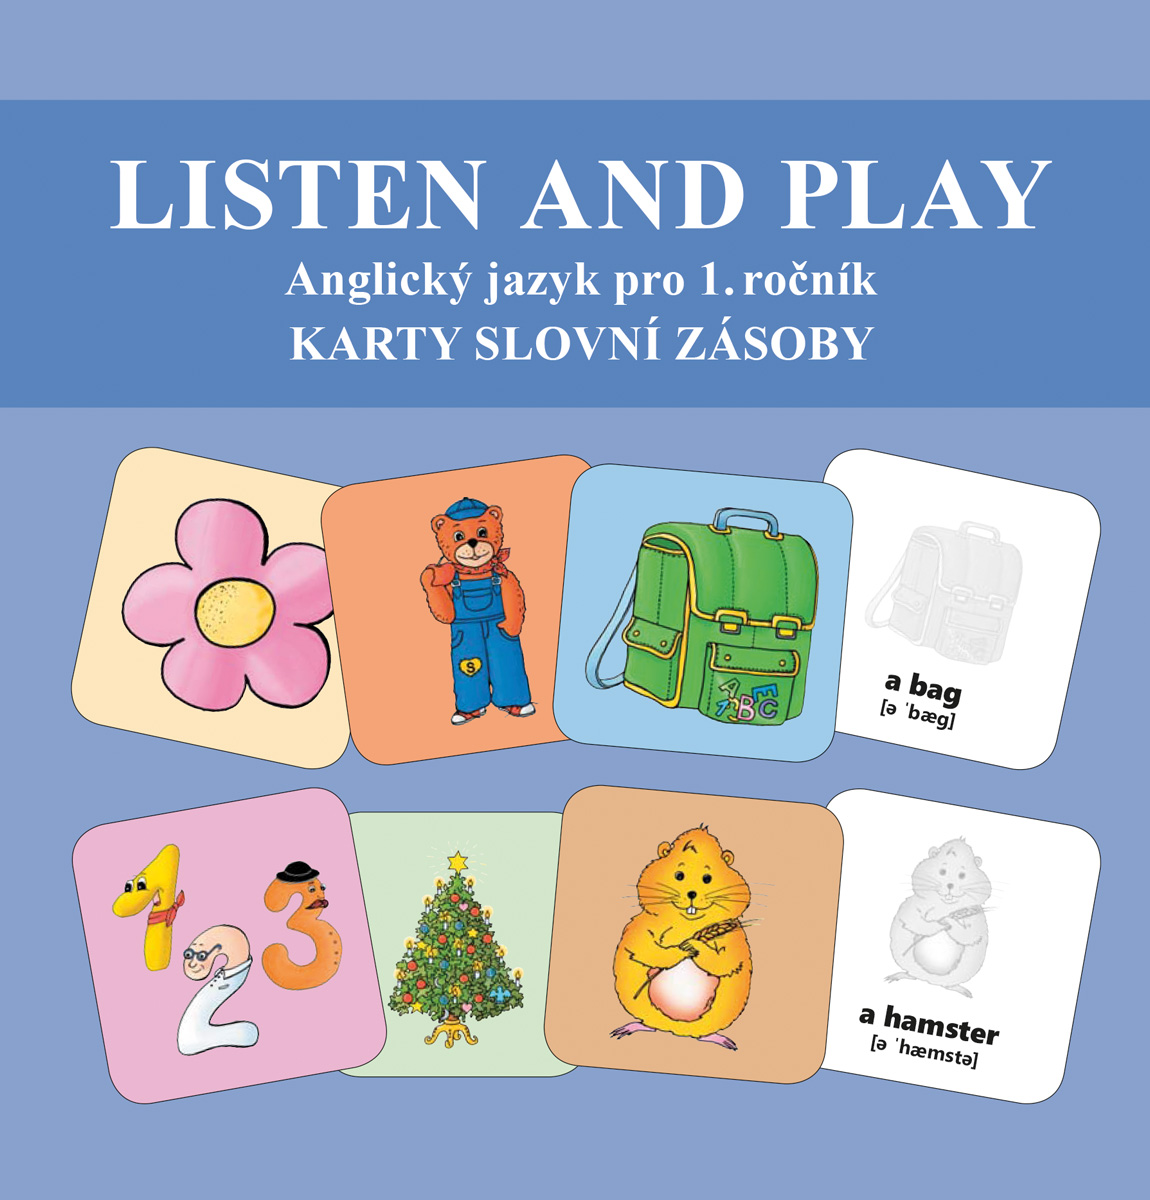 Listen and play - WITH TEDDY BEARS! - Sada karet s obrázky slovní zásoby